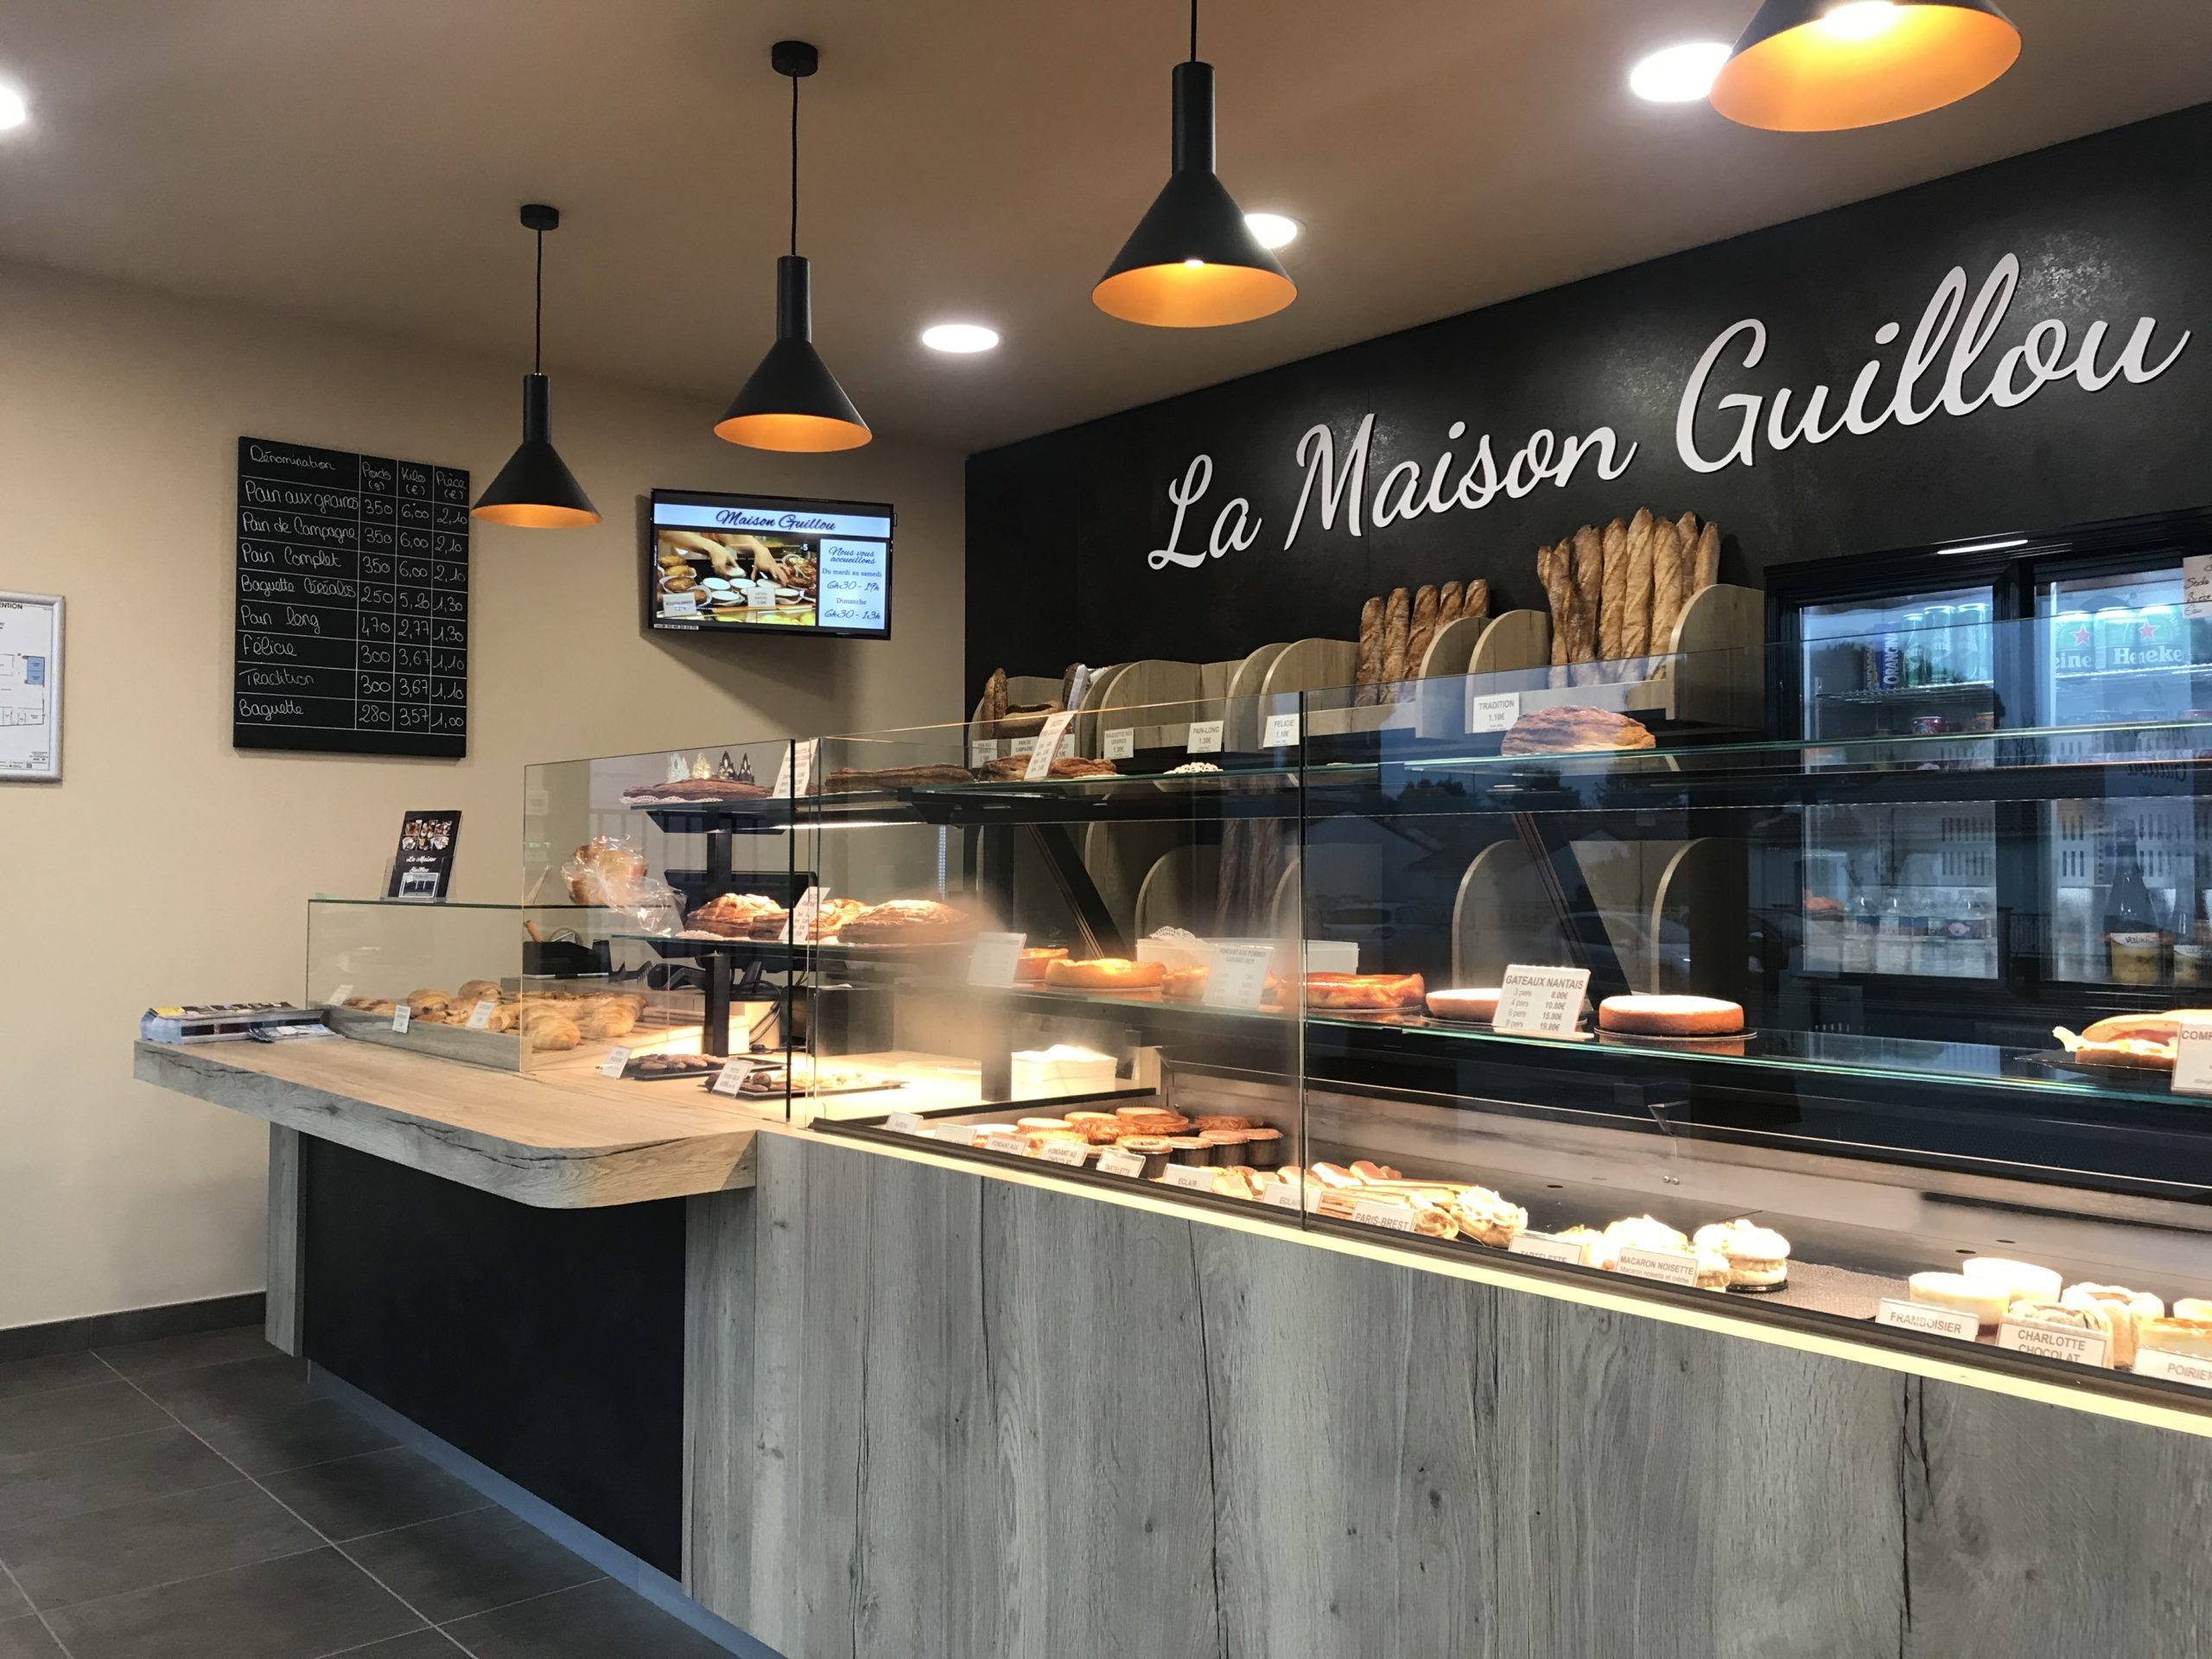 LA MAISON GUILLOU INTERIEUR